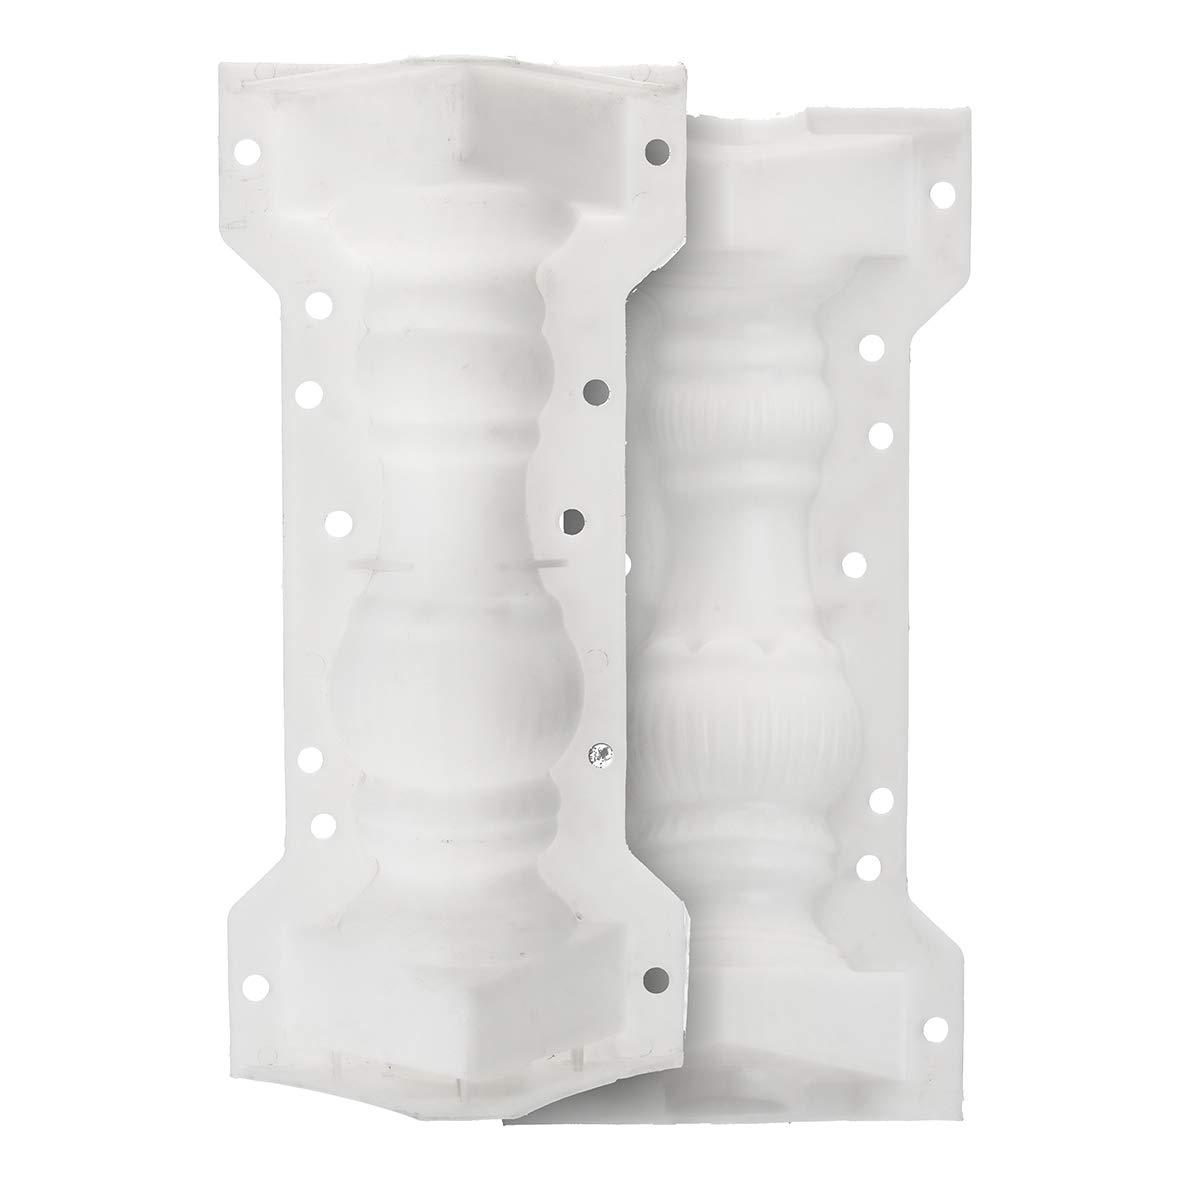 Stampo a colonne romane SENREAL per balcone, giardino, recinzione, ringhiera, intonaco, cemento, 20 x 15,5 x 41 cm